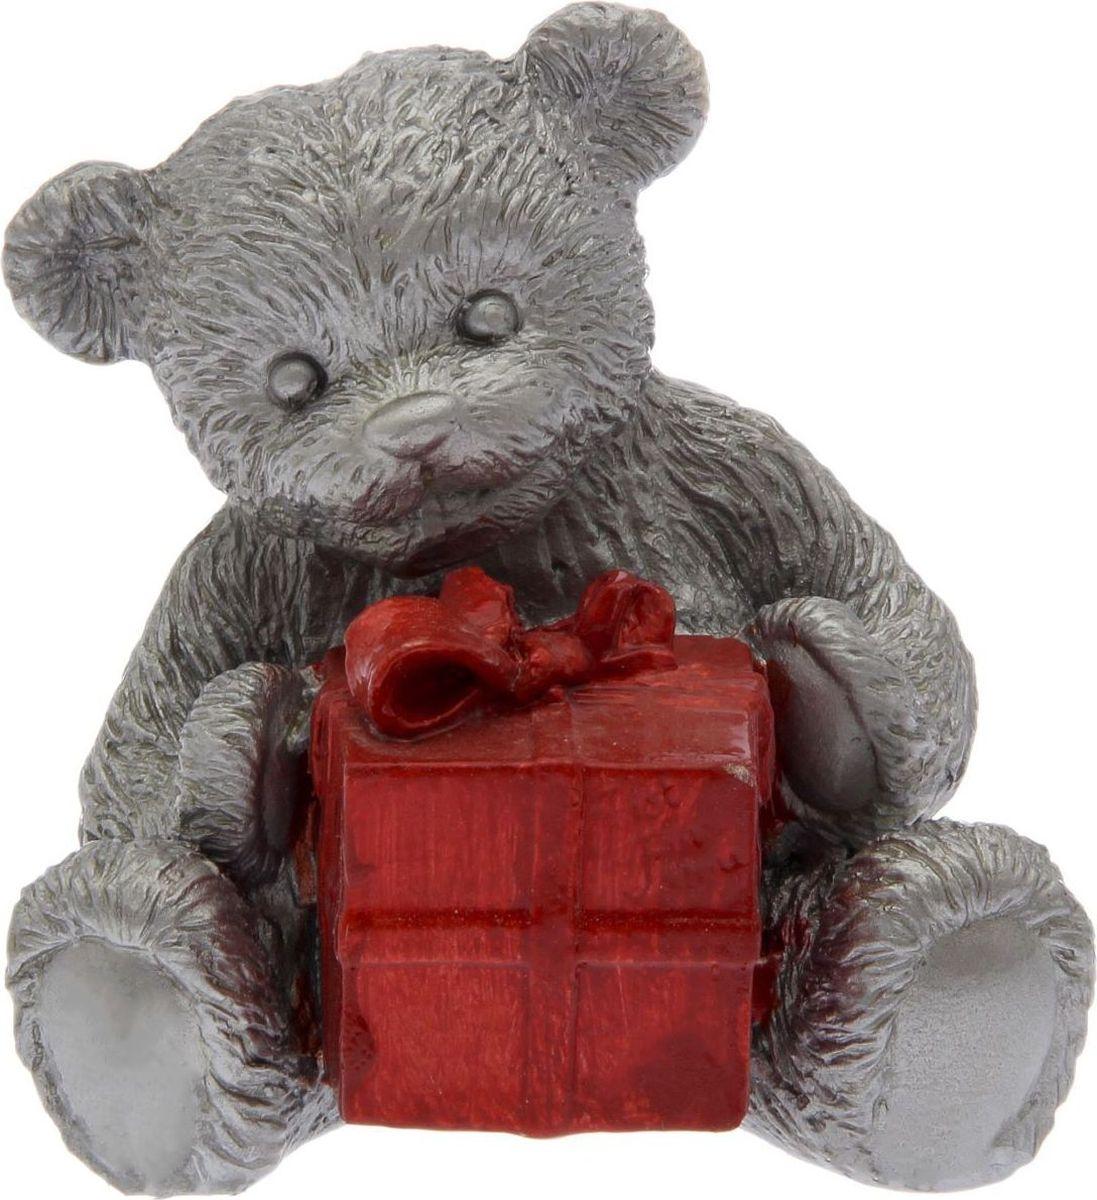 Статуэтка сувенирная Premium Gips Мишка с подарком, цвет: серебристый, 8 х 10 х 12 см2152894Перед вами — сувенир в полном смысле этого слова. И главная его задача — хранить воспоминание о месте, где вы побывали, или о том человеке, который подарил данный предмет. Преподнесите эту вещь своему другу, и она станет достойным украшением его дома.